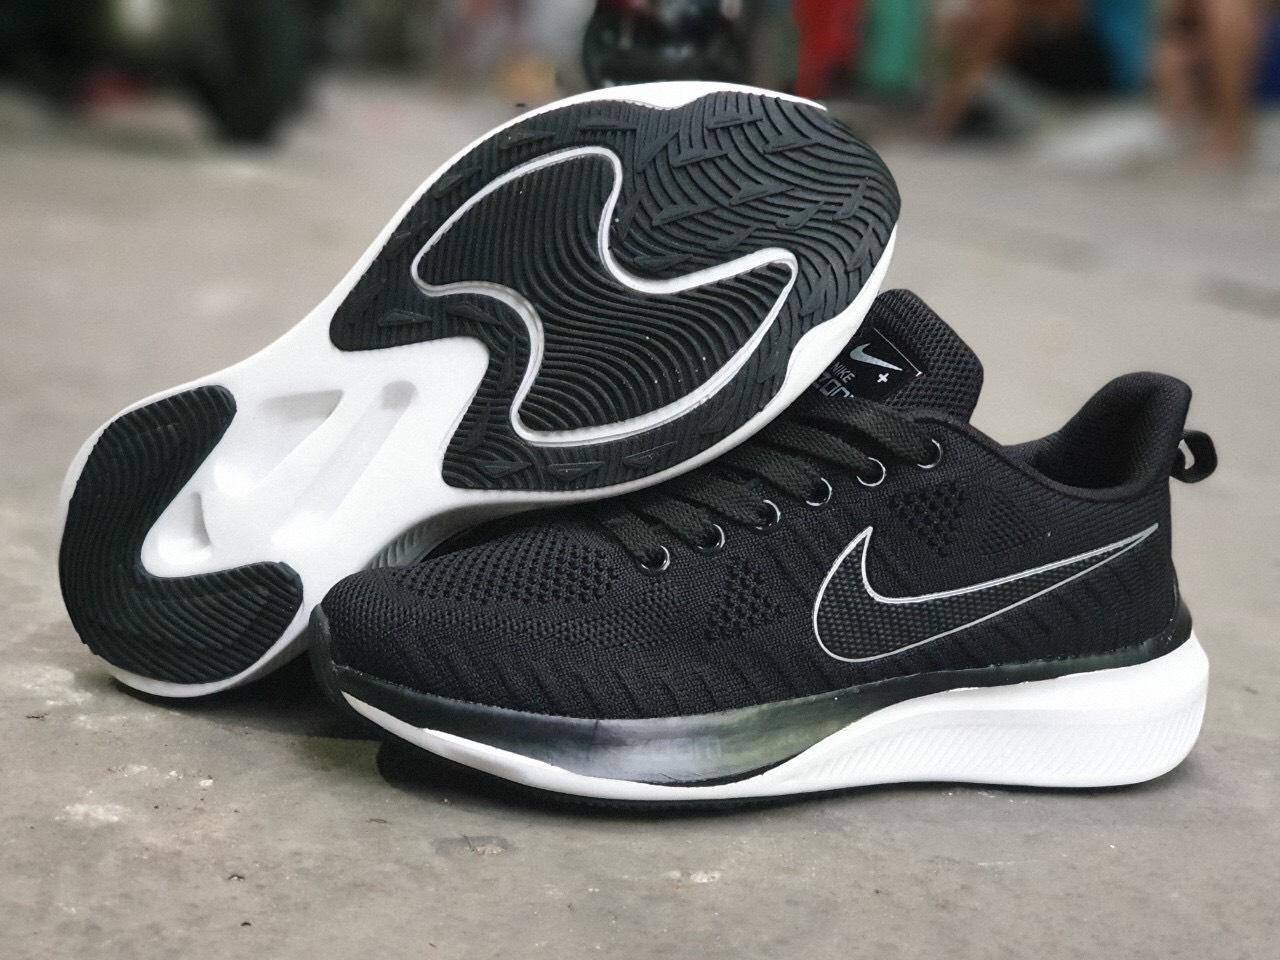 Giày Nike Zoom F12 màu đen